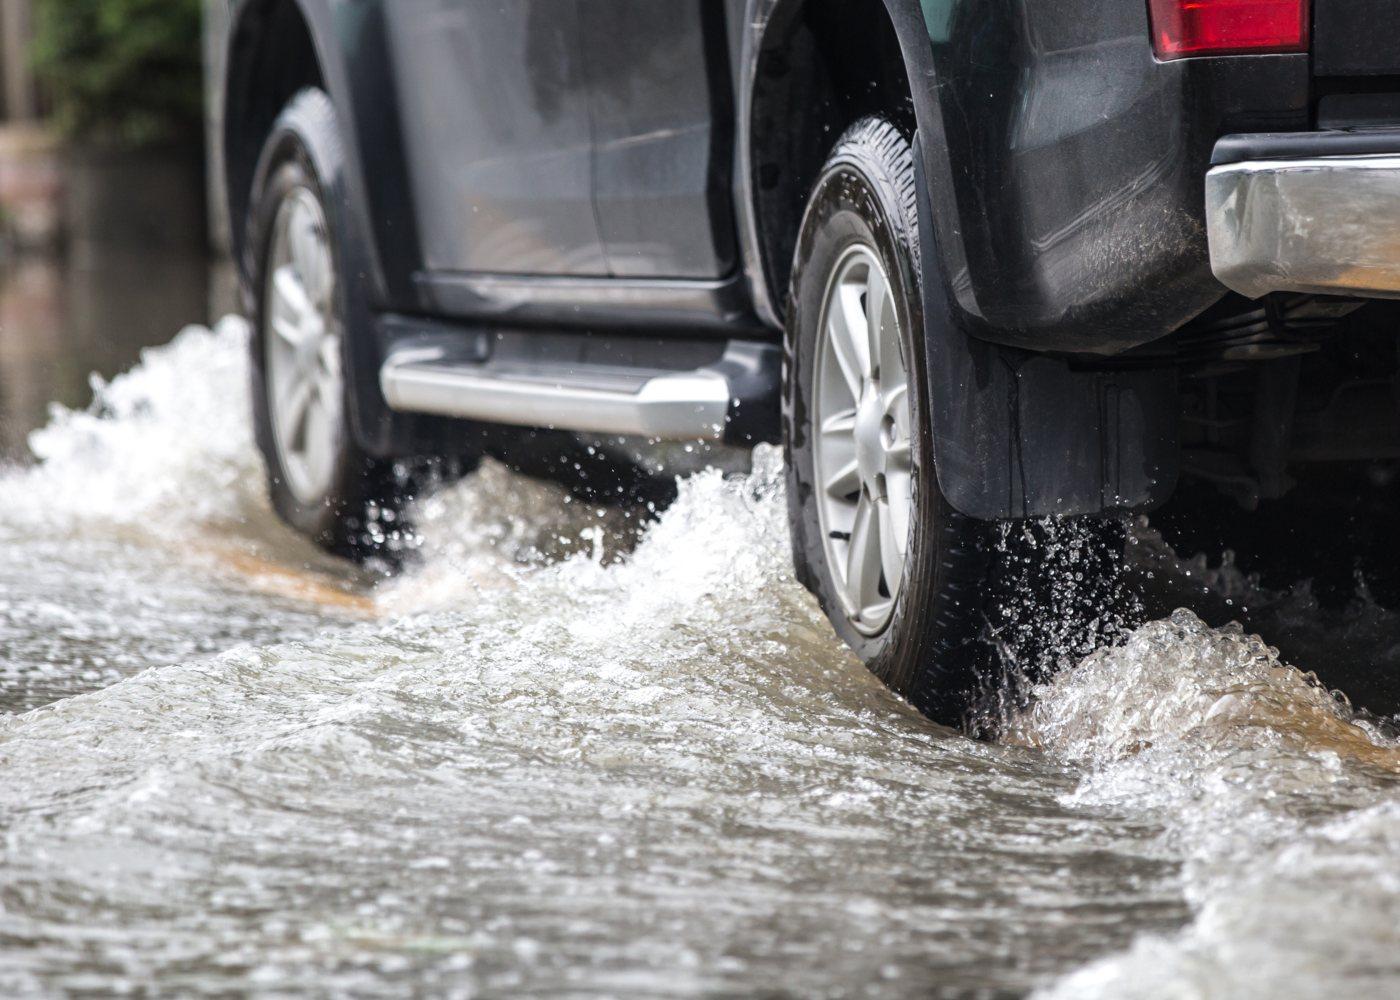 carro a andar sobre poça de água